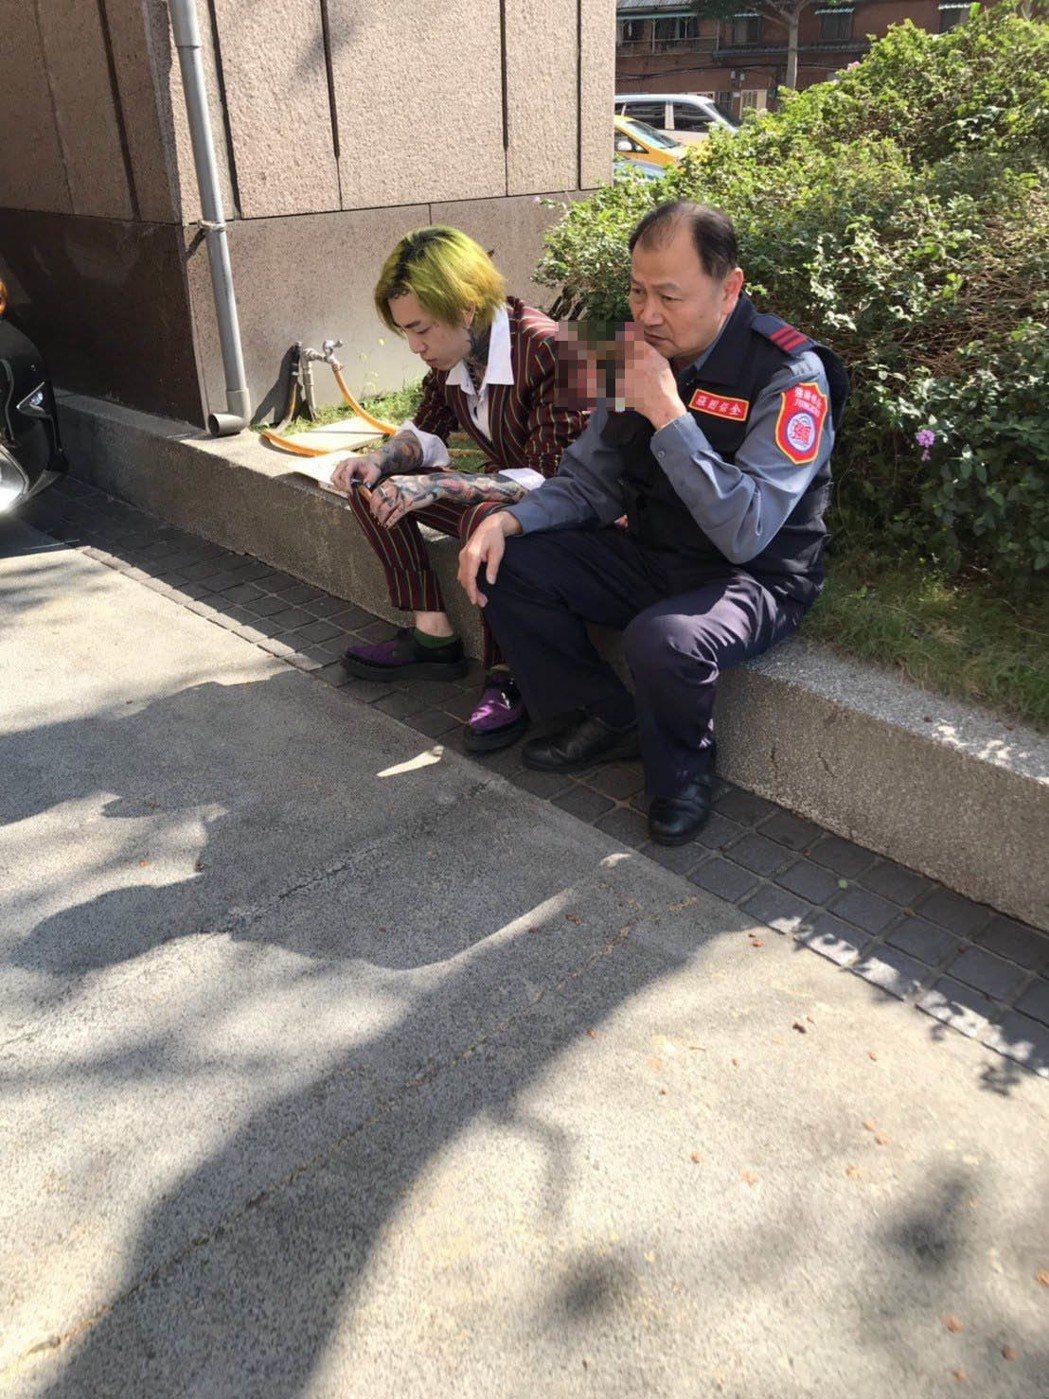 歌手謝和弦第三度跑到中時大樓,和警衛席地而坐聊天。記者廖炳棋/翻攝